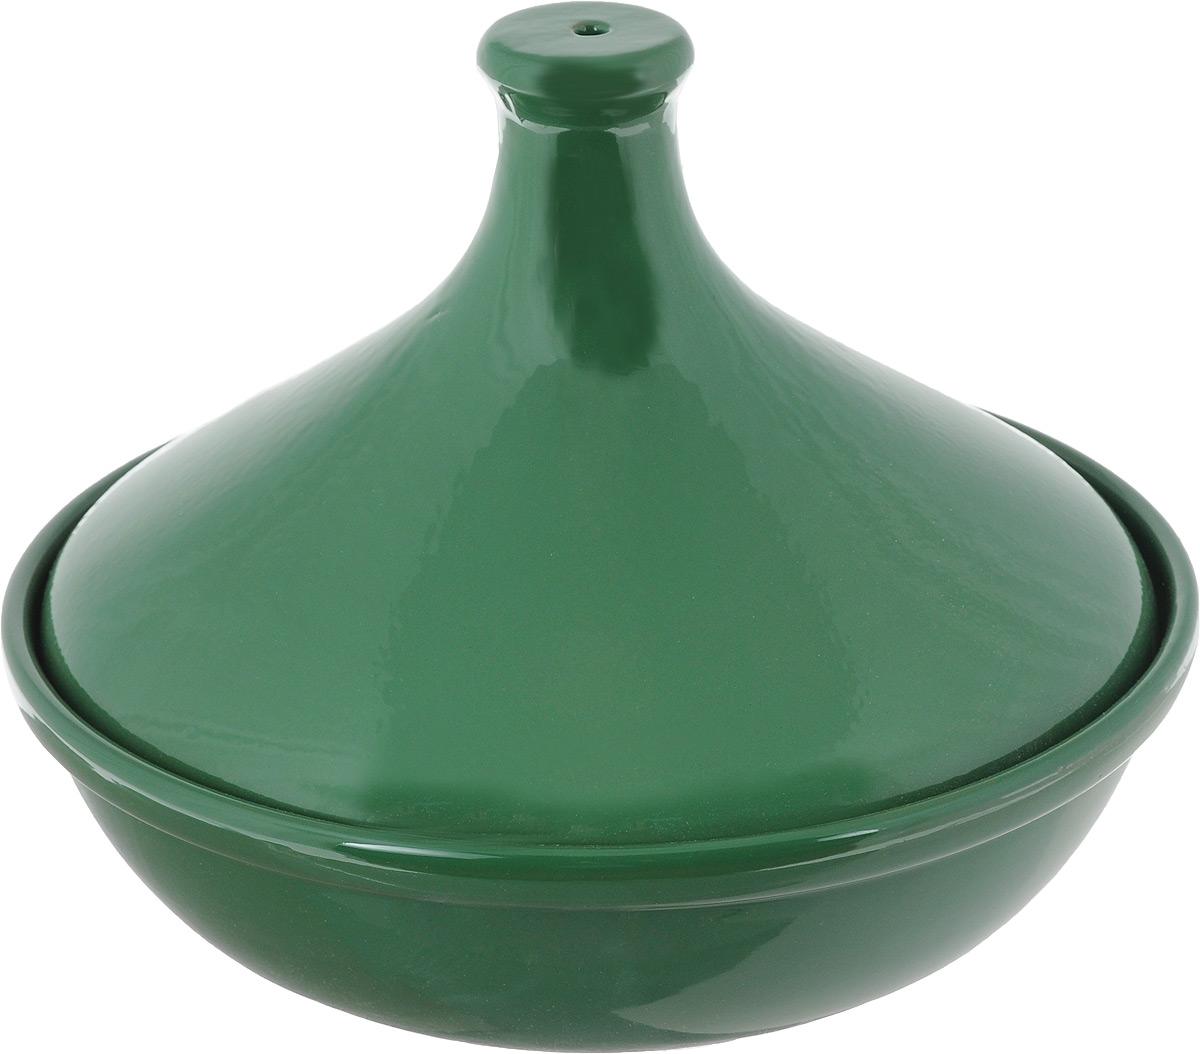 Тажин Борисовская керамика Радуга, цвет: зеленый, 1 лРАД00000749_зеленыйТажин Борисовская керамика Радуга изготовлен из высококачественной жаропрочной керамики - полностью натурального материала (без примеси металлов), идеально подходящего для медленного и равномерного приготовления пищи. Керамика гарантирует правильный здоровый подход к кулинарии: любые блюда получаются ароматными и сохраняют все полезные вещества, не подвергаясь перепадам температур в процессе приготовления. Благодаря медленному распределению тепла, вкусы и запахи продуктов концентрируются и становятся более насыщенными. Керамическая посуда обладает свойством долго сохранять тепло после того, как блюдо было снято с огня, и легко удерживать холод после того, как блюдо достали из холодильника. Благодаря конусообразной форме крышки, пар, поднимающийся от готовящегося блюда, многократно конденсируется в верхней ее части и спускается вниз, поэтому мясо, рыба и овощи становятся очень нежными и приобретают особый вкус. Доверьтесь интуиции и инстинктам, как это делают марокканцы, и создайте свой собственный рецепт тажина!Диаметр по верхнему краю: 21,5 см.Высота стенки тажина (без учета крышки): 6 см. Высота (с учетом крышки): 16 см.